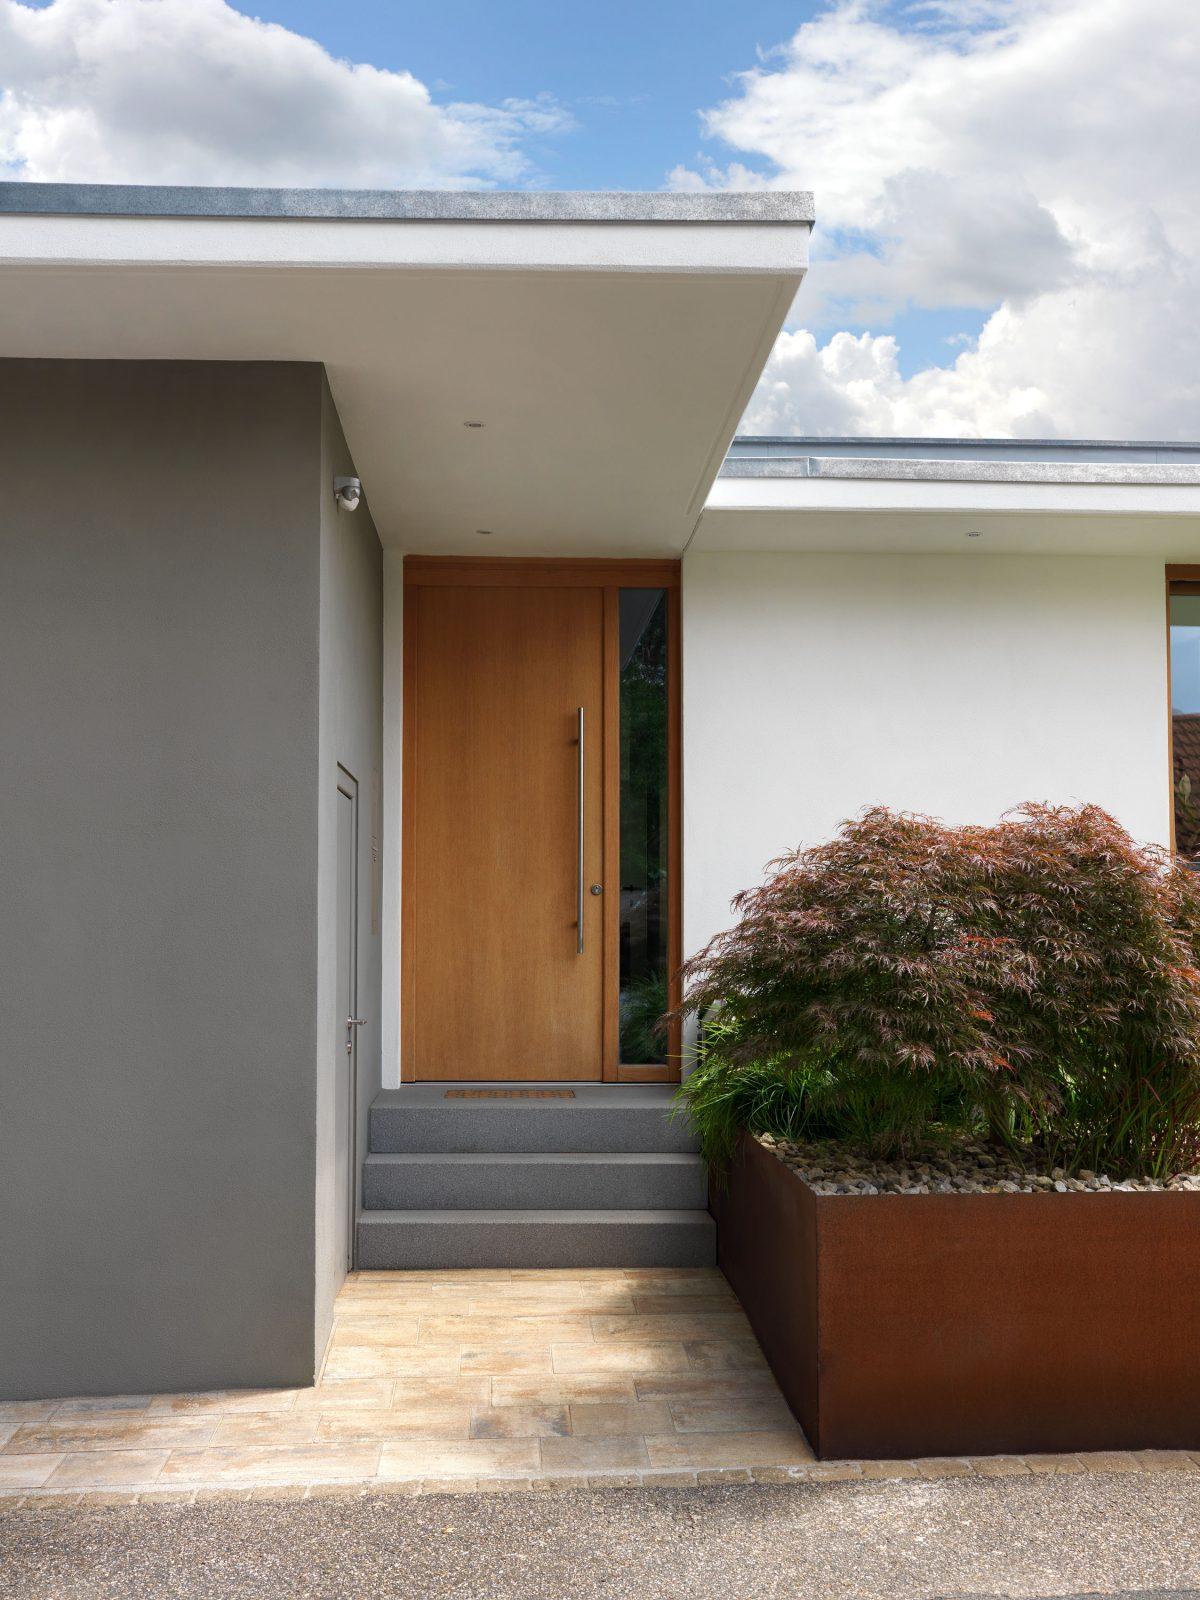 Blick auf den Eingangsbereich des Hauses BRM mit Pflanzkübel aus Cortenstahl.